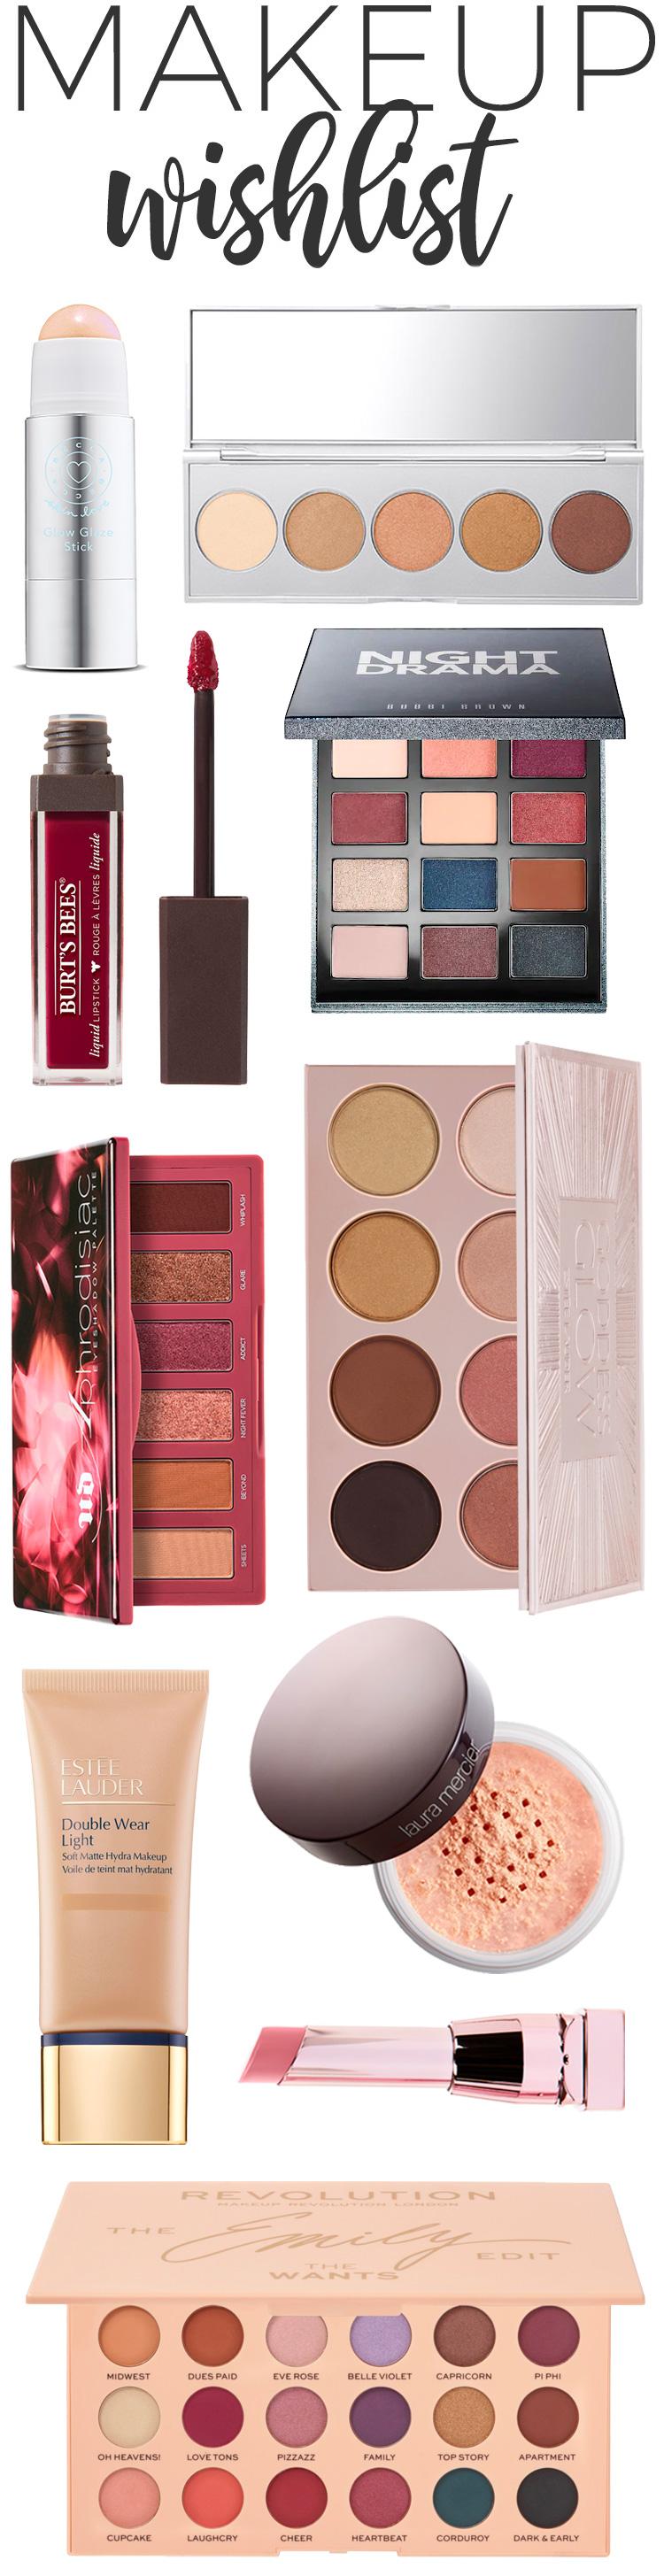 Makeup Wishlist for Fall